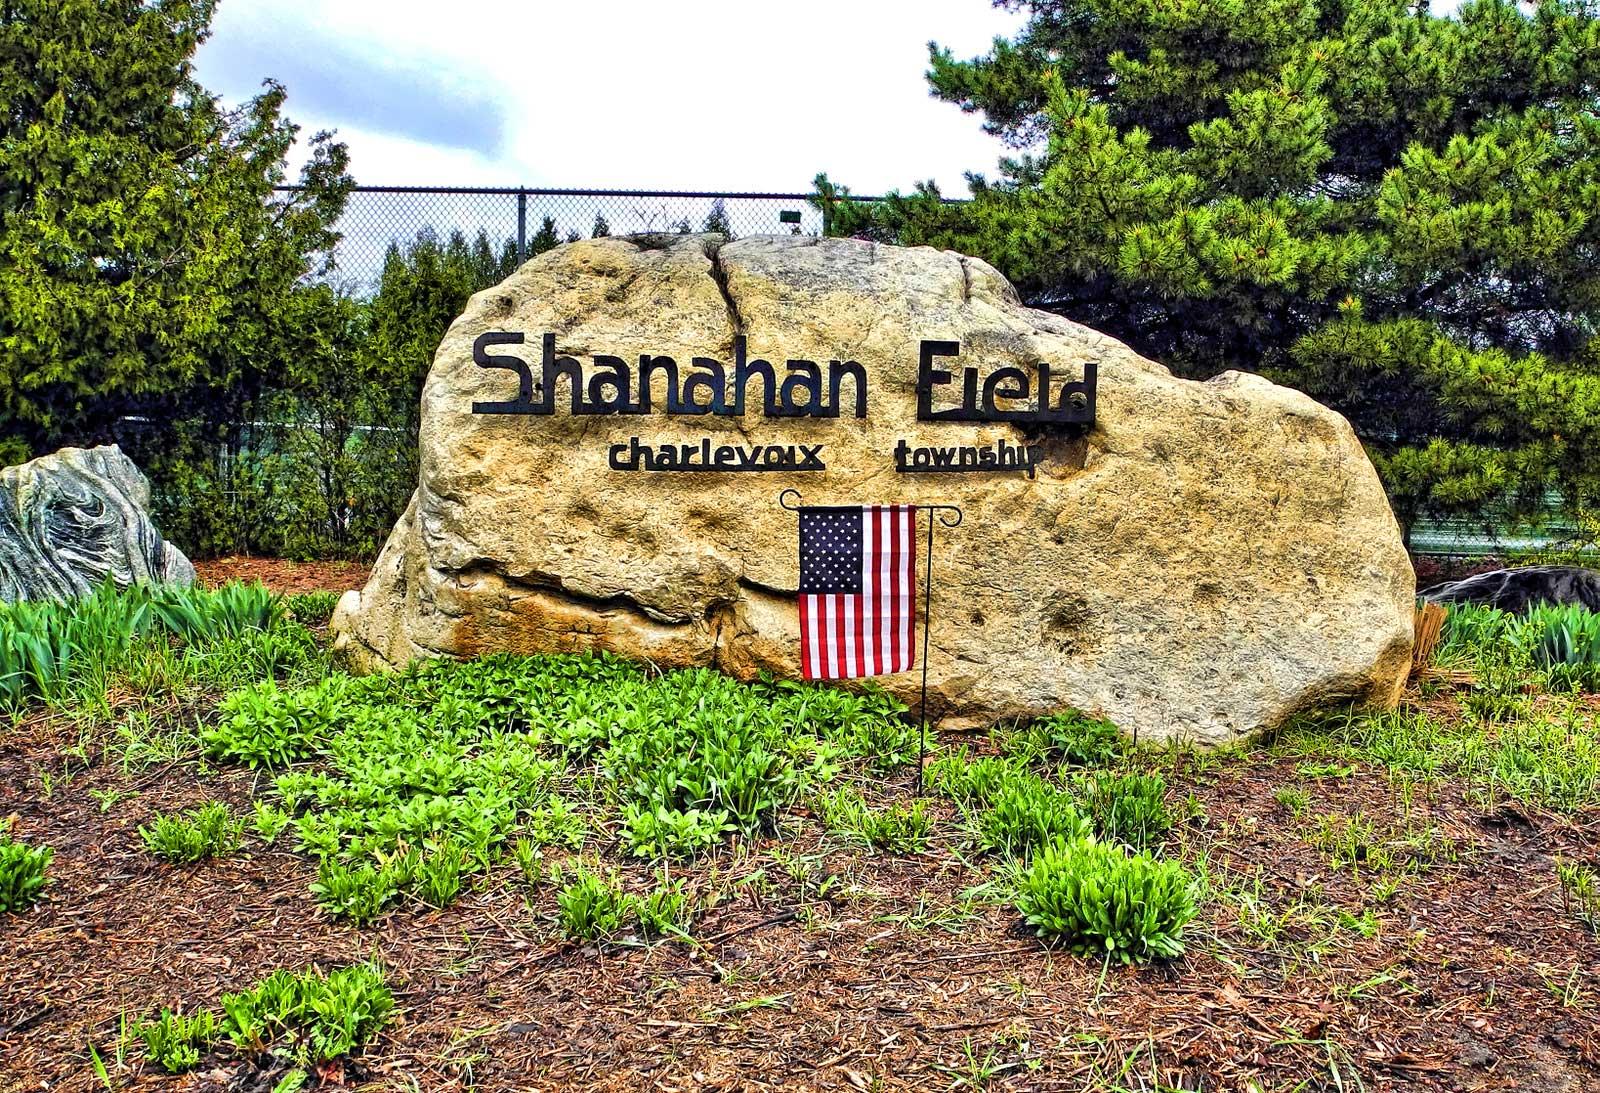 shanahan-field